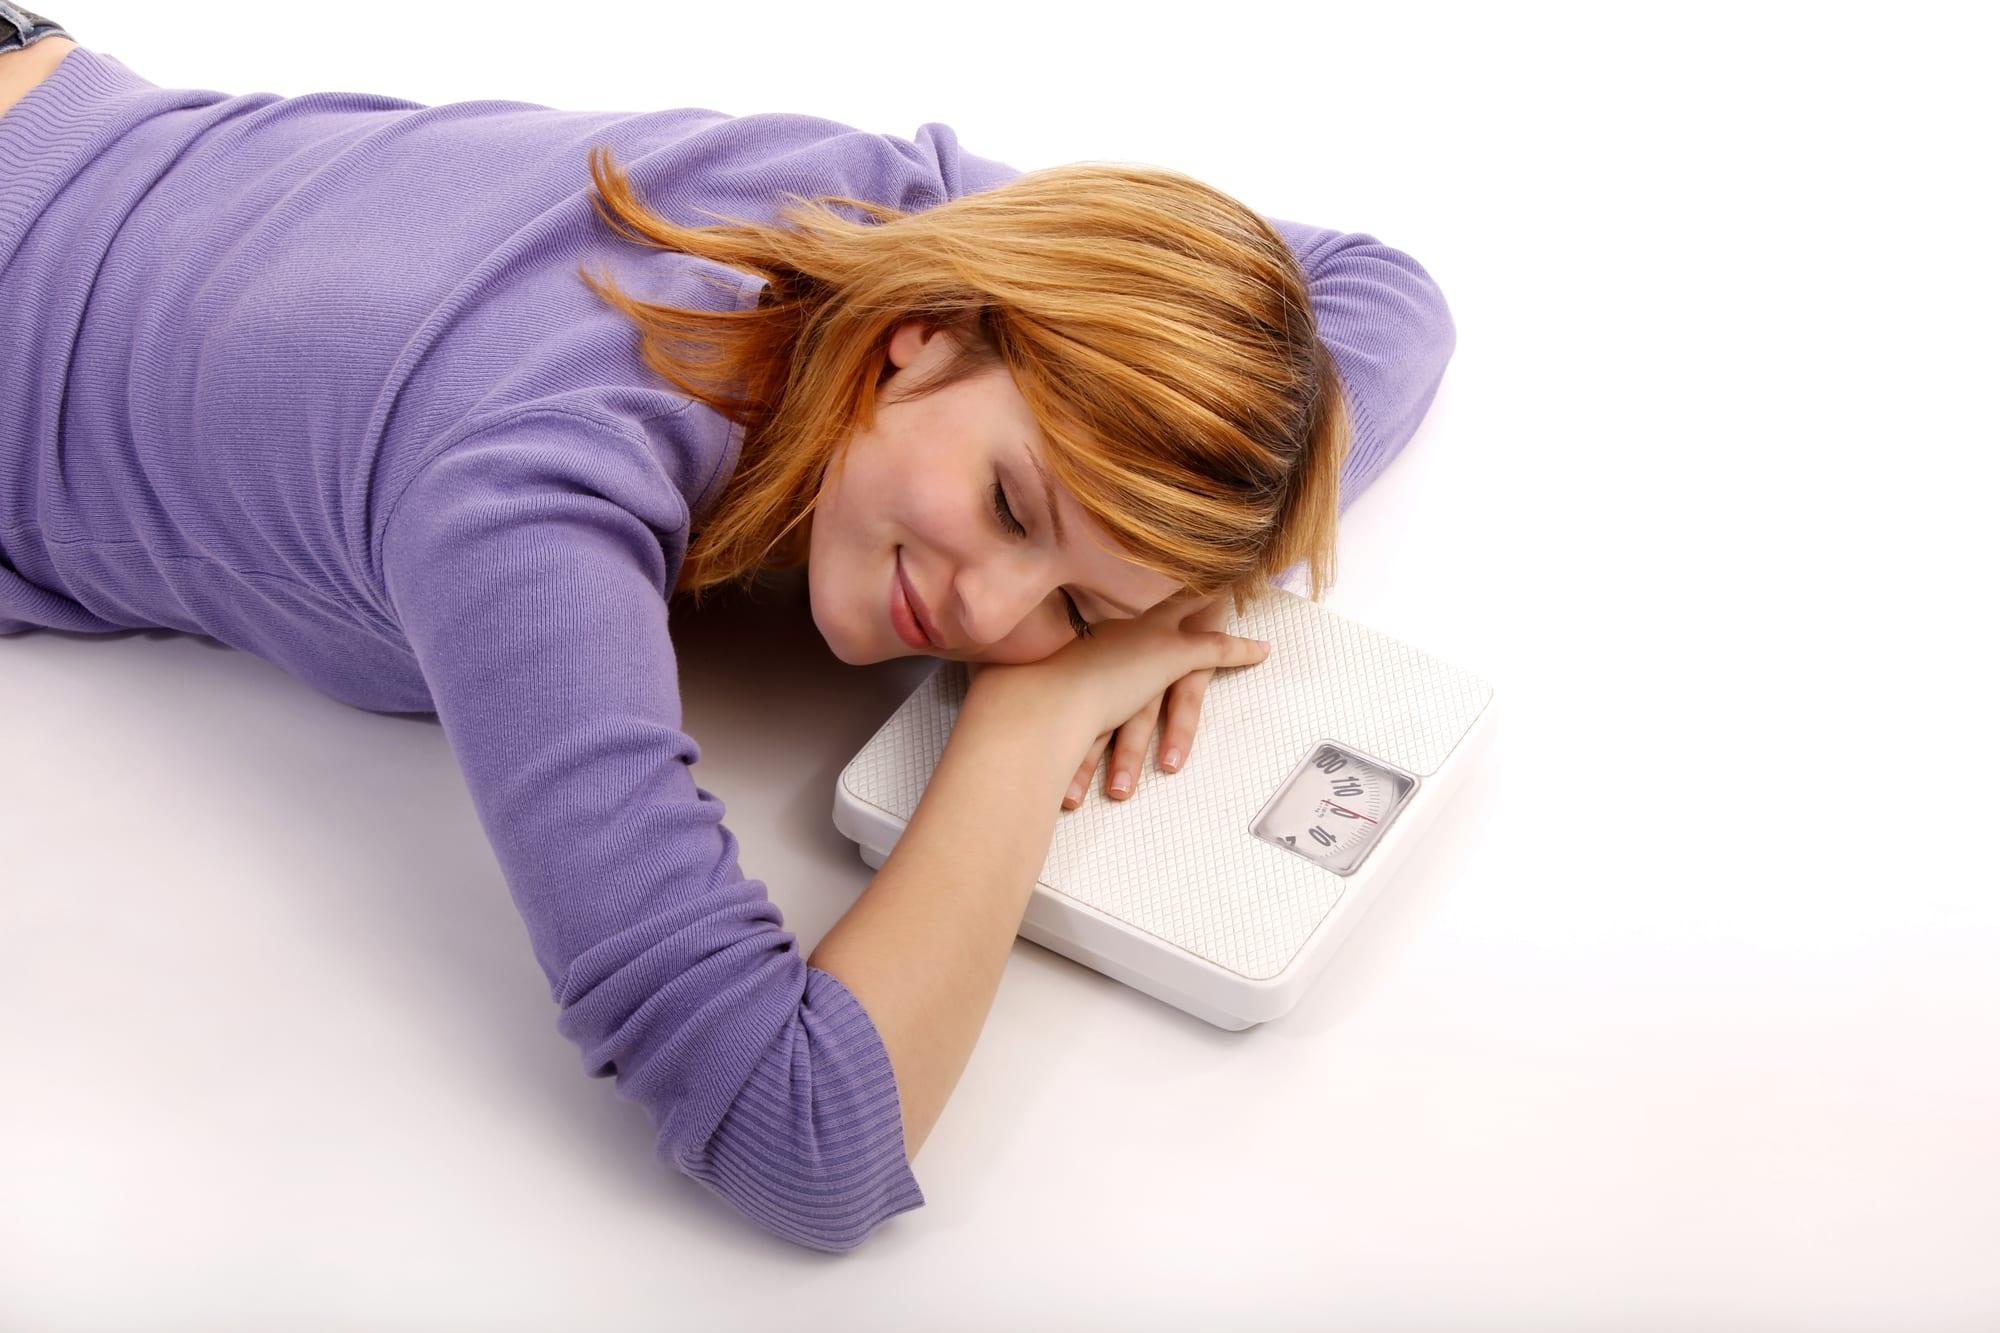 تخسيس الوزن أثناء النوم